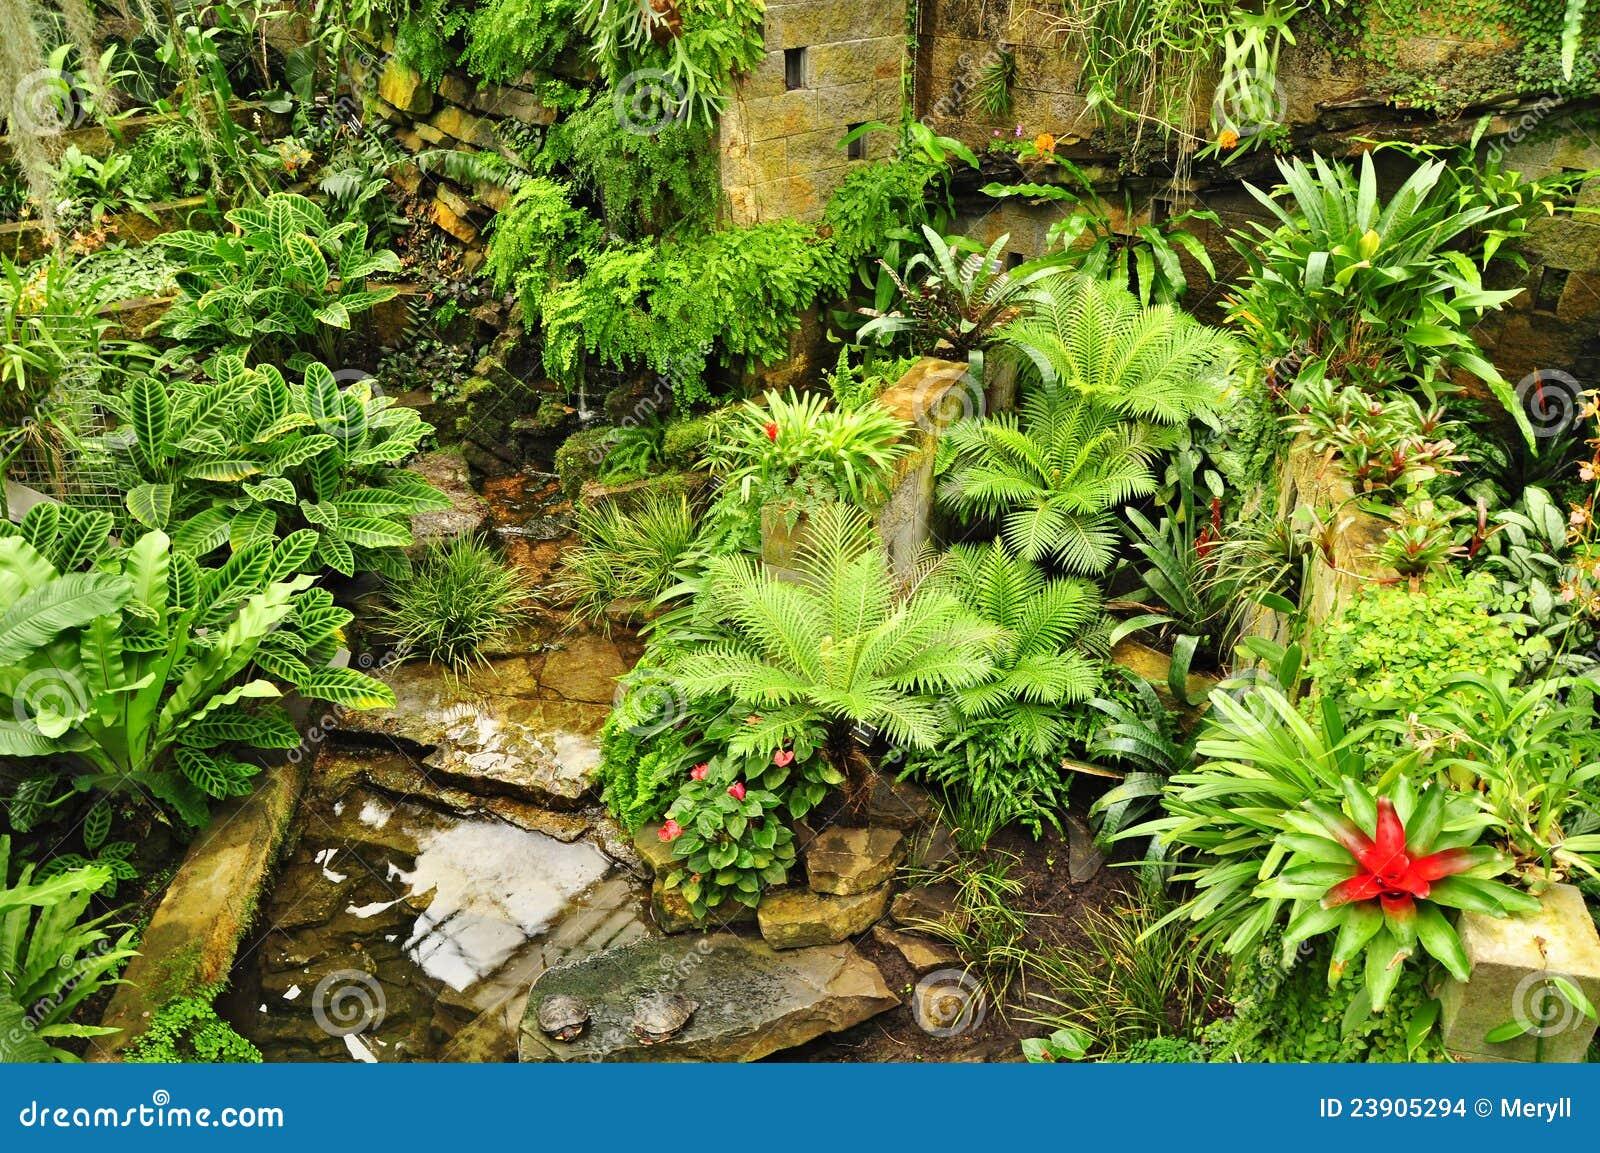 Imagens de Stock Plantas verdes do jardim tropical